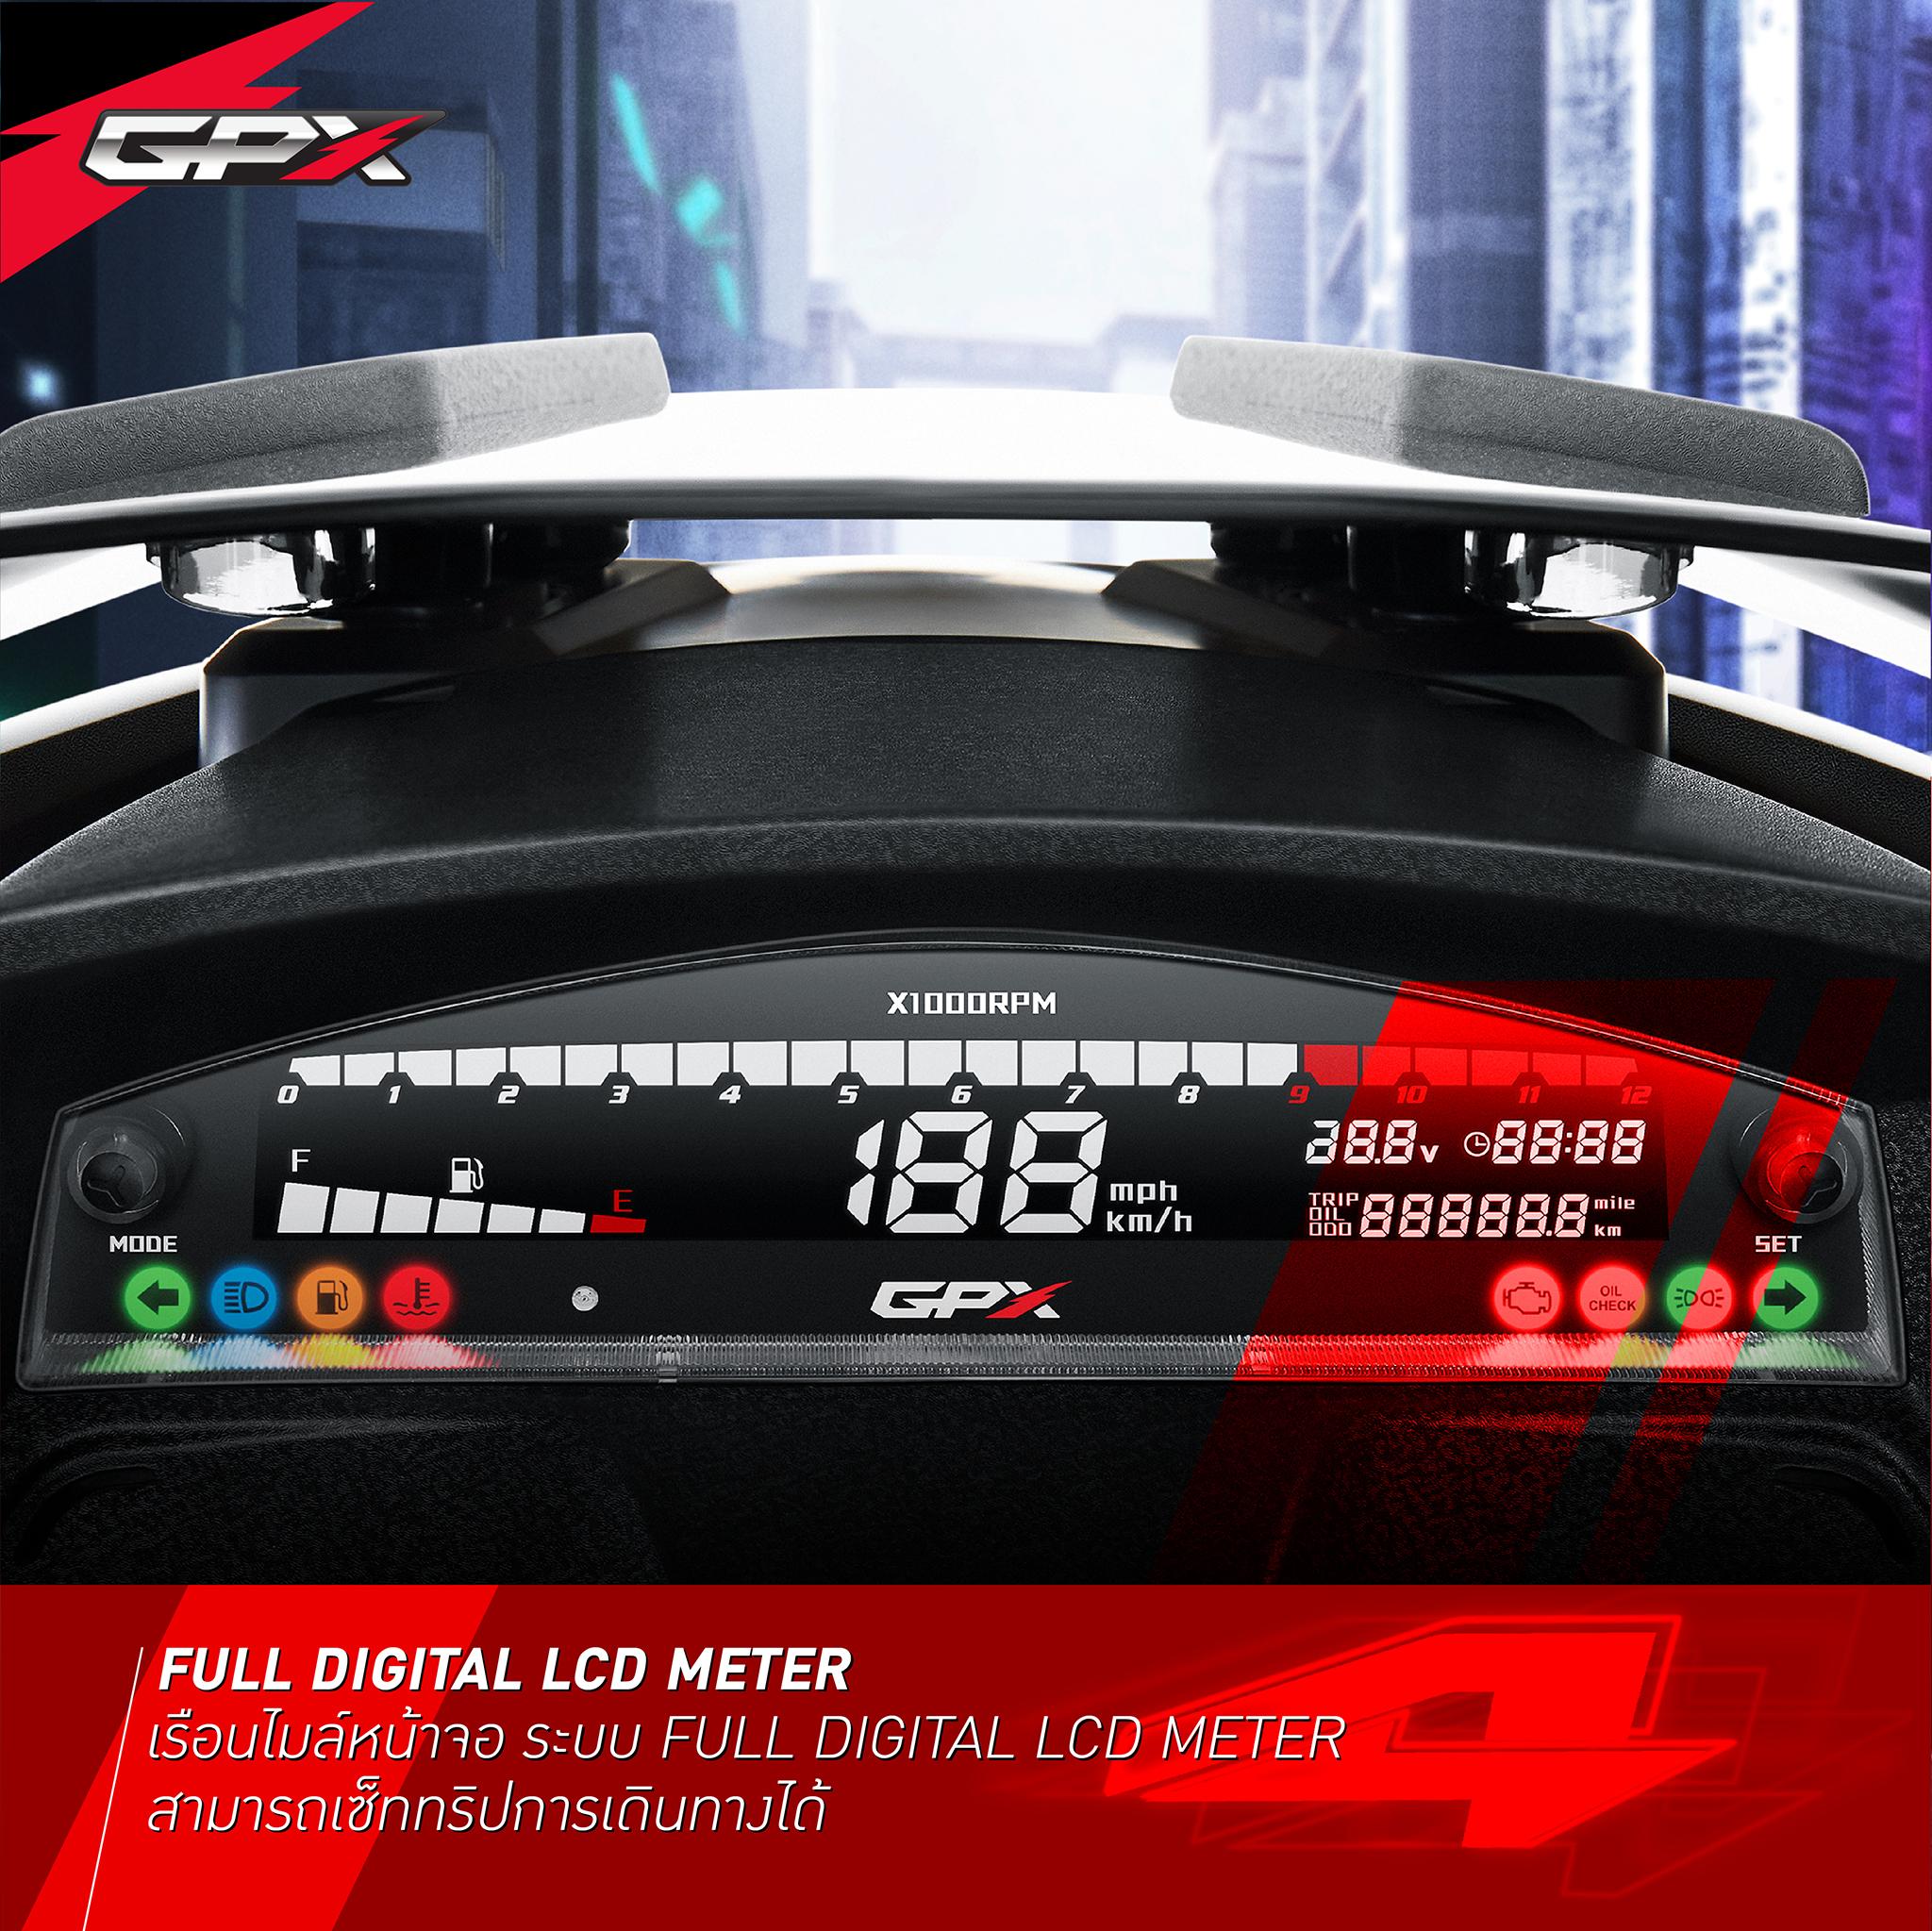 FULL DIGITAL LCD METER